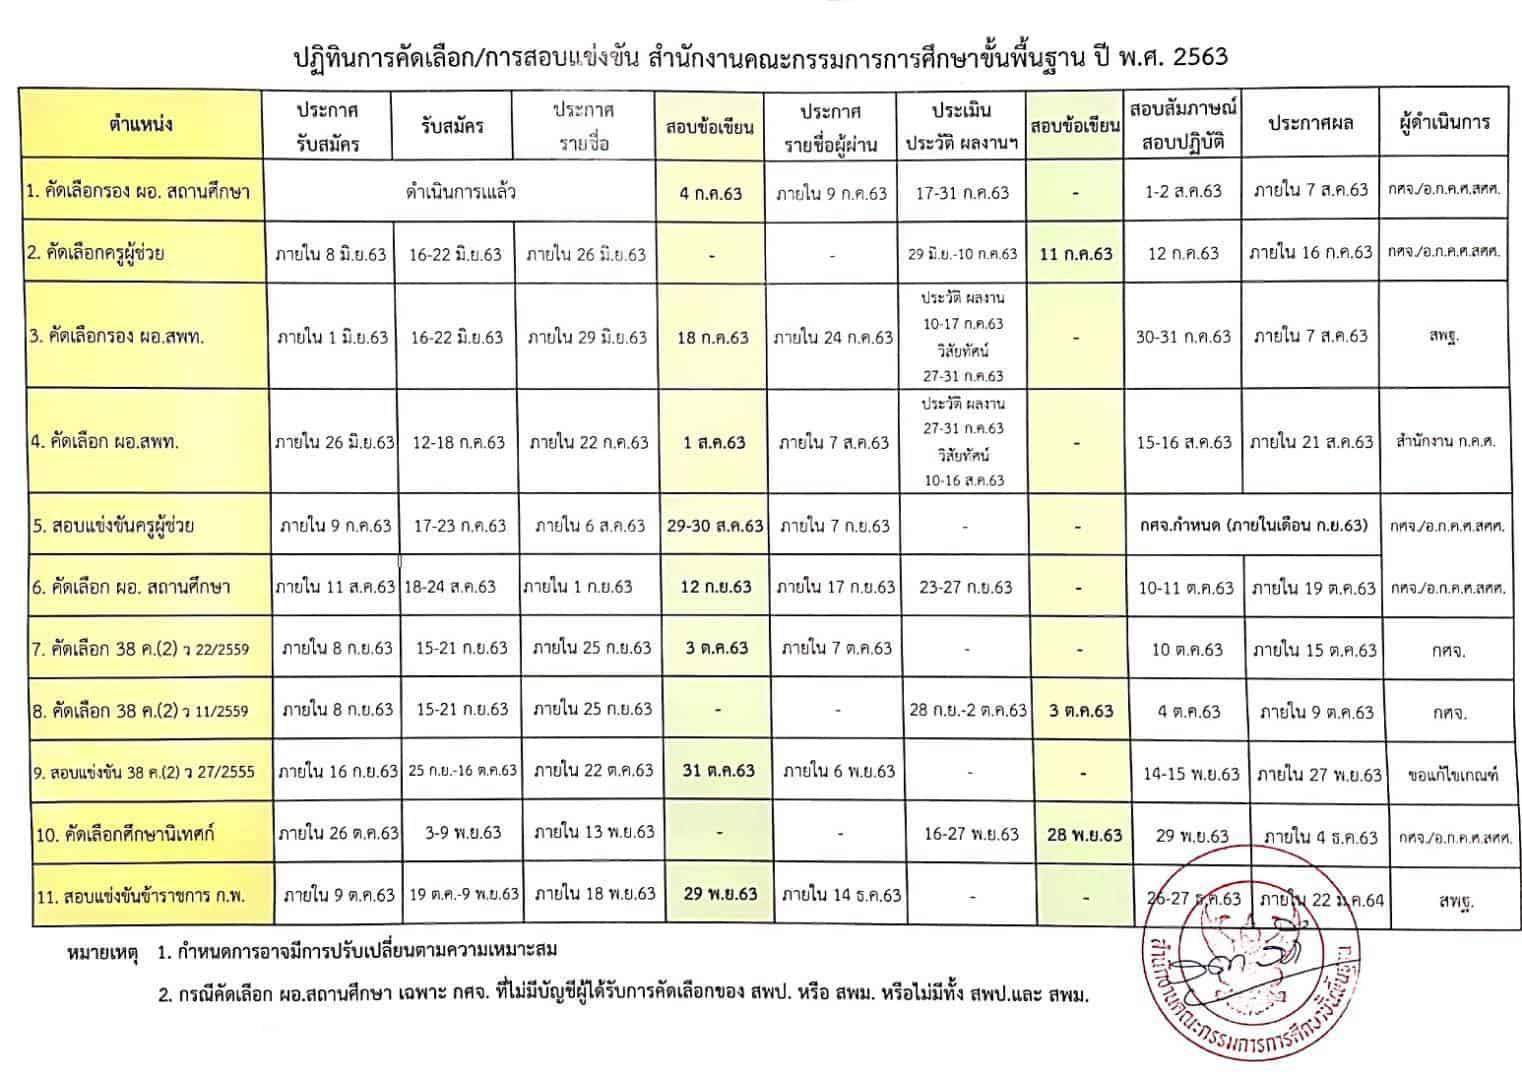 ปฏิทินการคัดเลือก การสอบแข่งขัน ข้าราชการครูและบุคลากรทางการศึกษา สังกัด สพฐ. ปี 2563